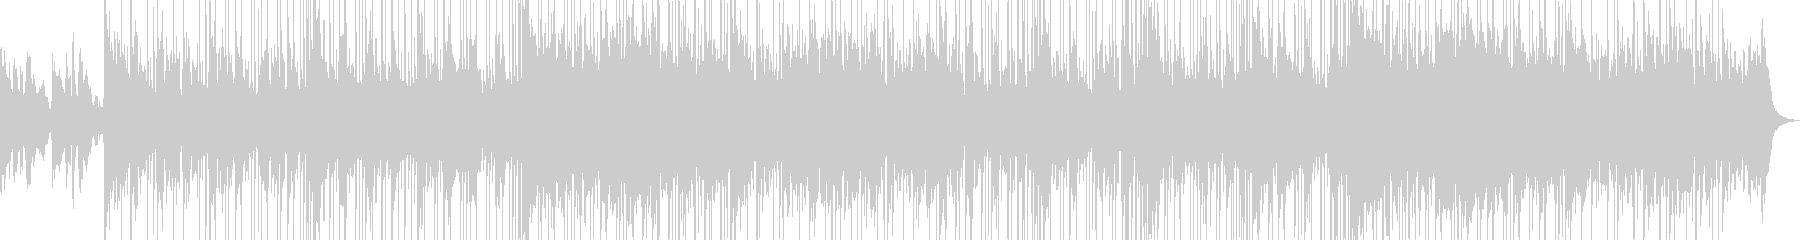 ジャズ/フュージョン、ファンク、ソ...の未再生の波形